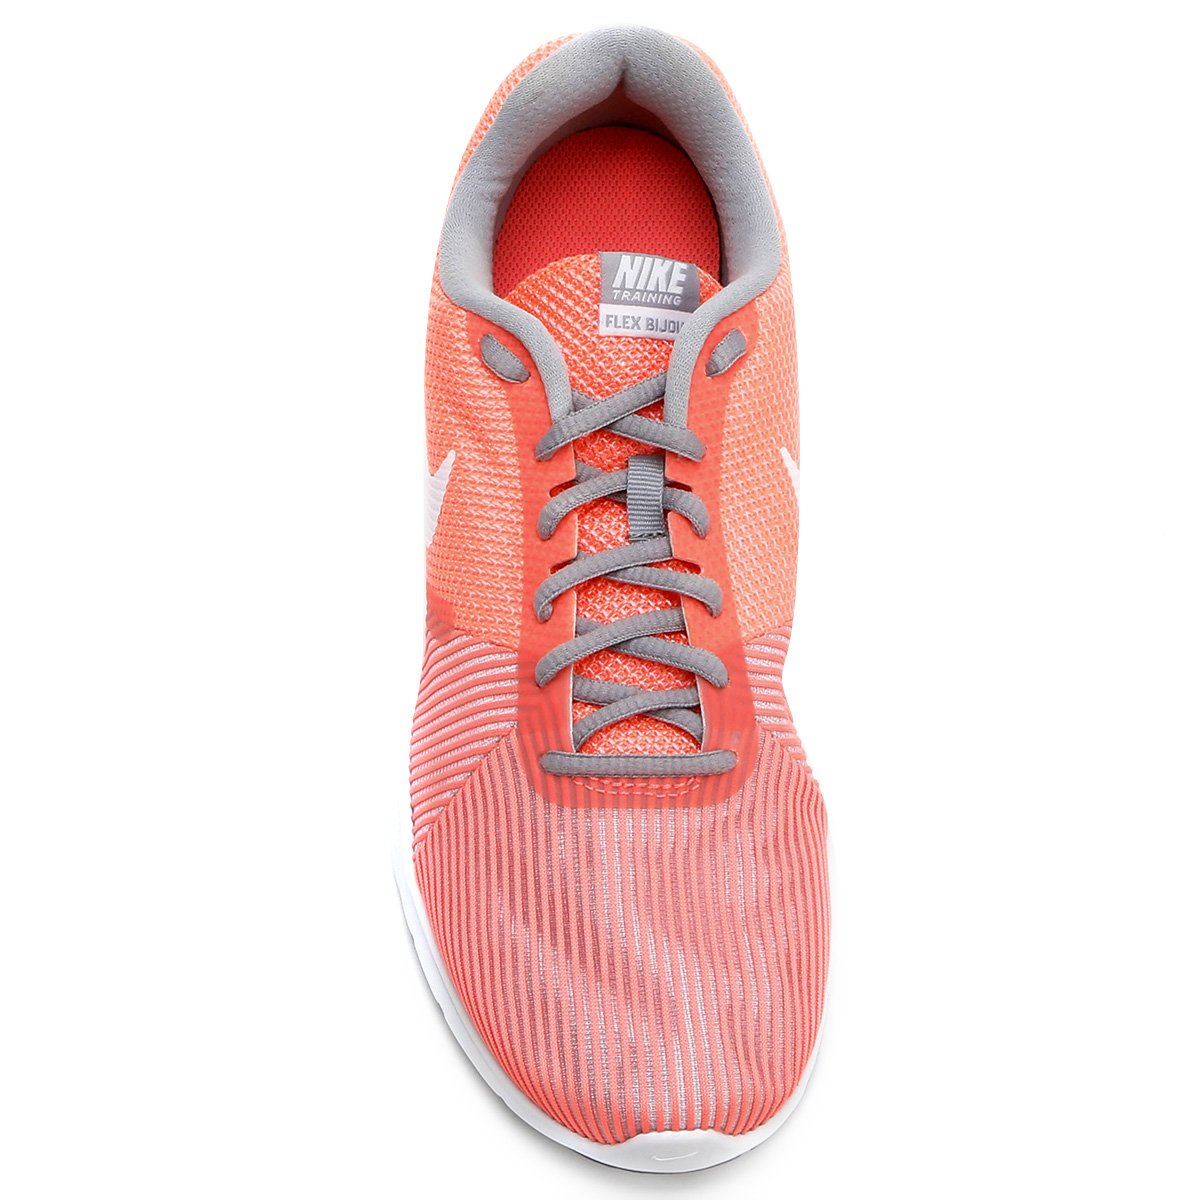 Tênis Nike Flex Bijoux Feminino - Salmão e Prata - Compre Agora ... ba21ec4688f17